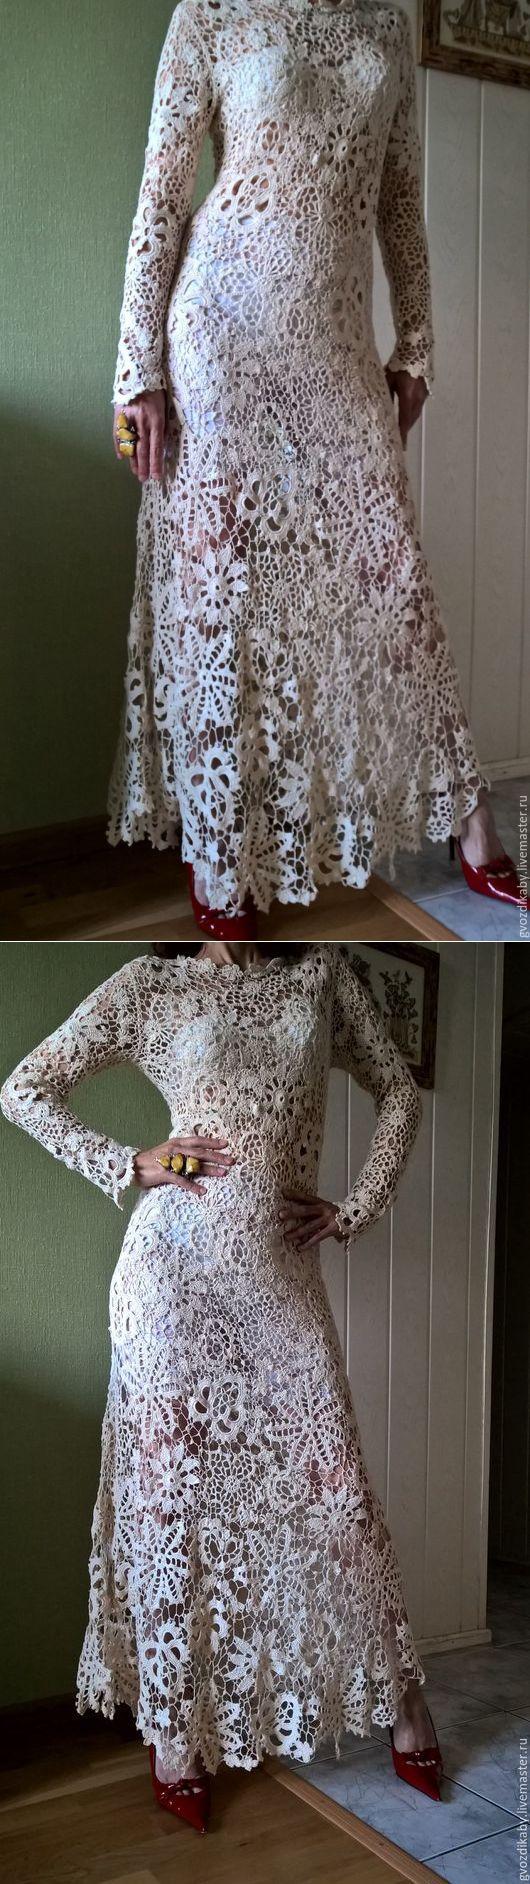 Купить Бежевое длинное платье крючком . Ирландское кружево ,ирландское вязани - цветочный, ирландское кружево